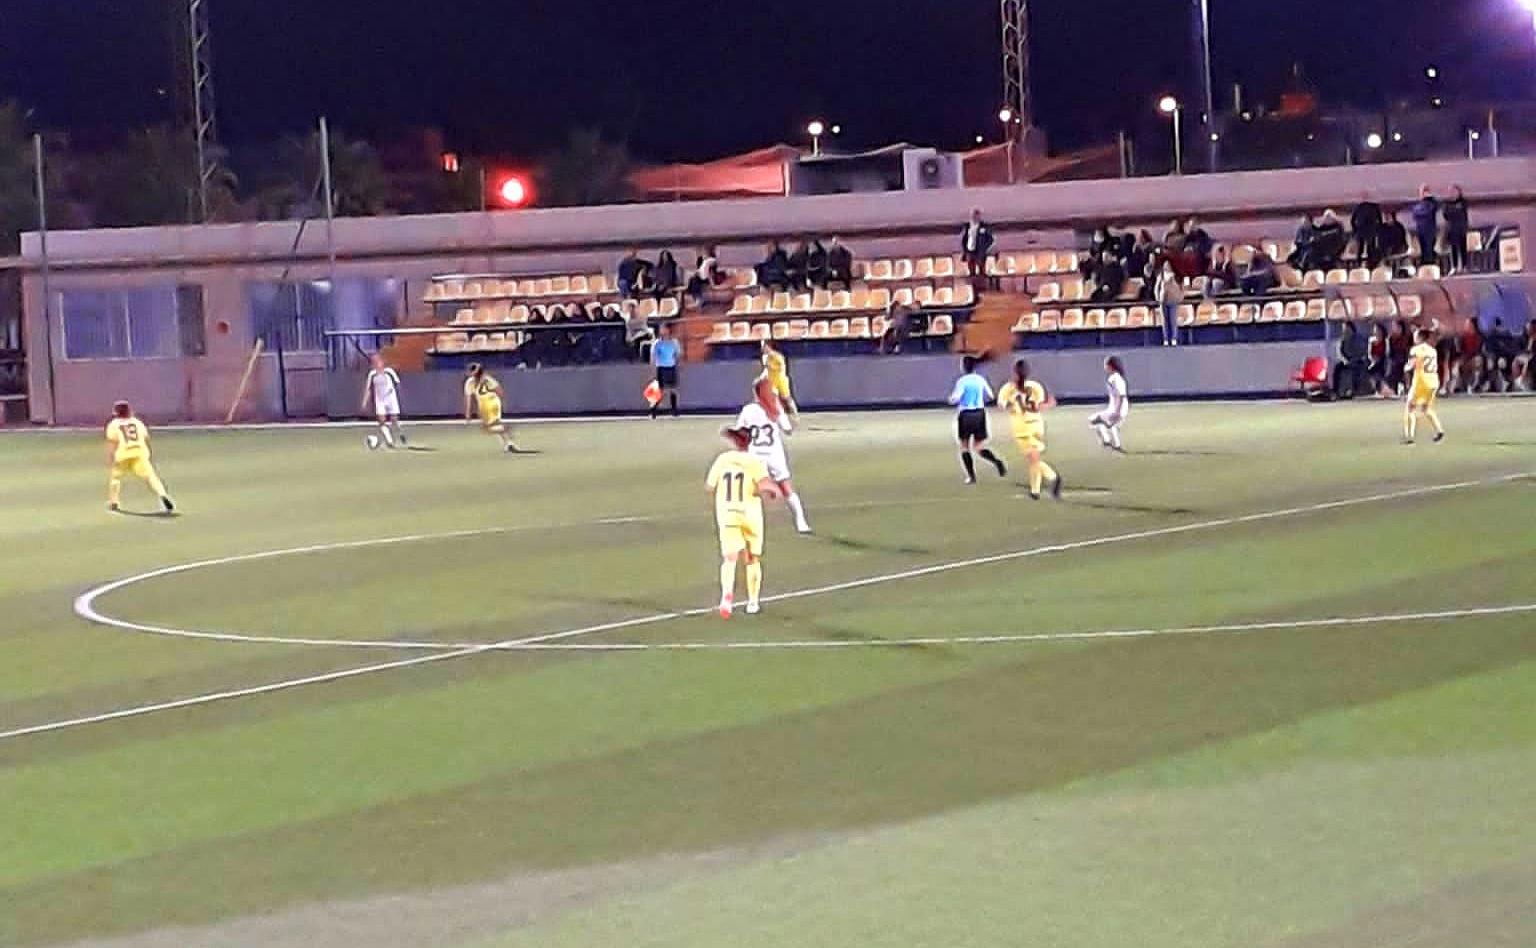 derrota villarreal femenino - Primera derrota del Villarreal Femenino en casa